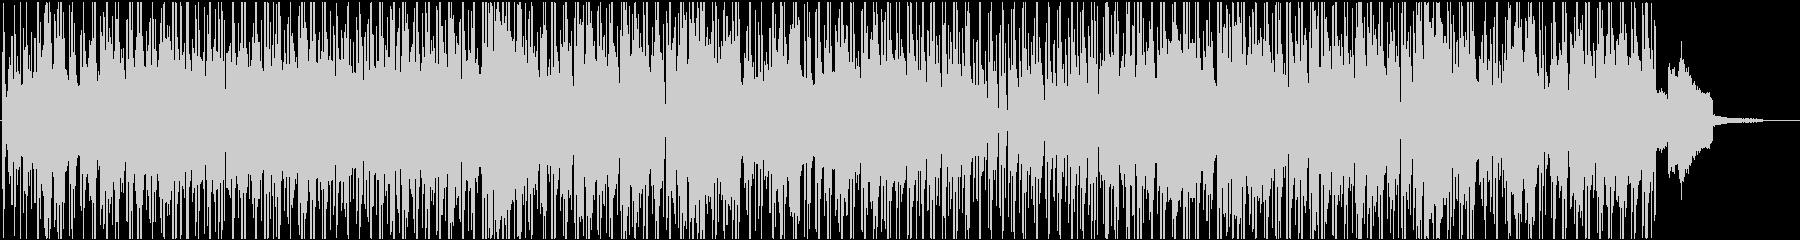 映像BGM 王道的サウンドのボサノバの未再生の波形